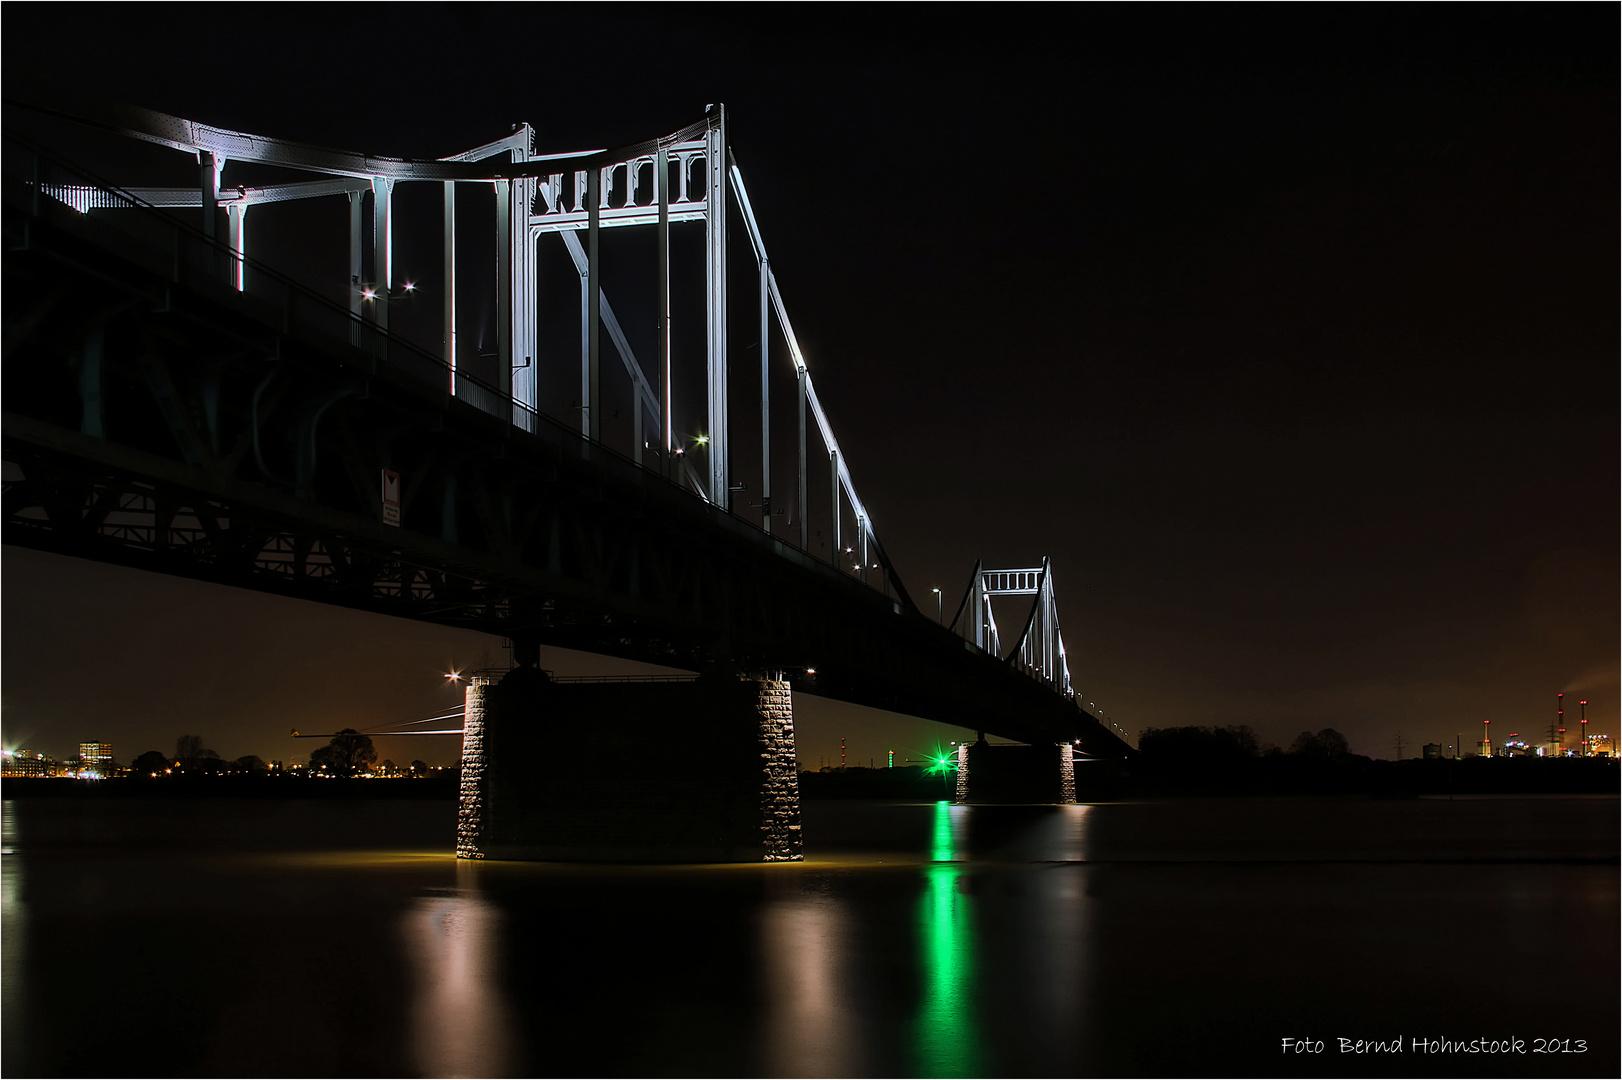 Krefeld-Uerdinger Brücke ...........